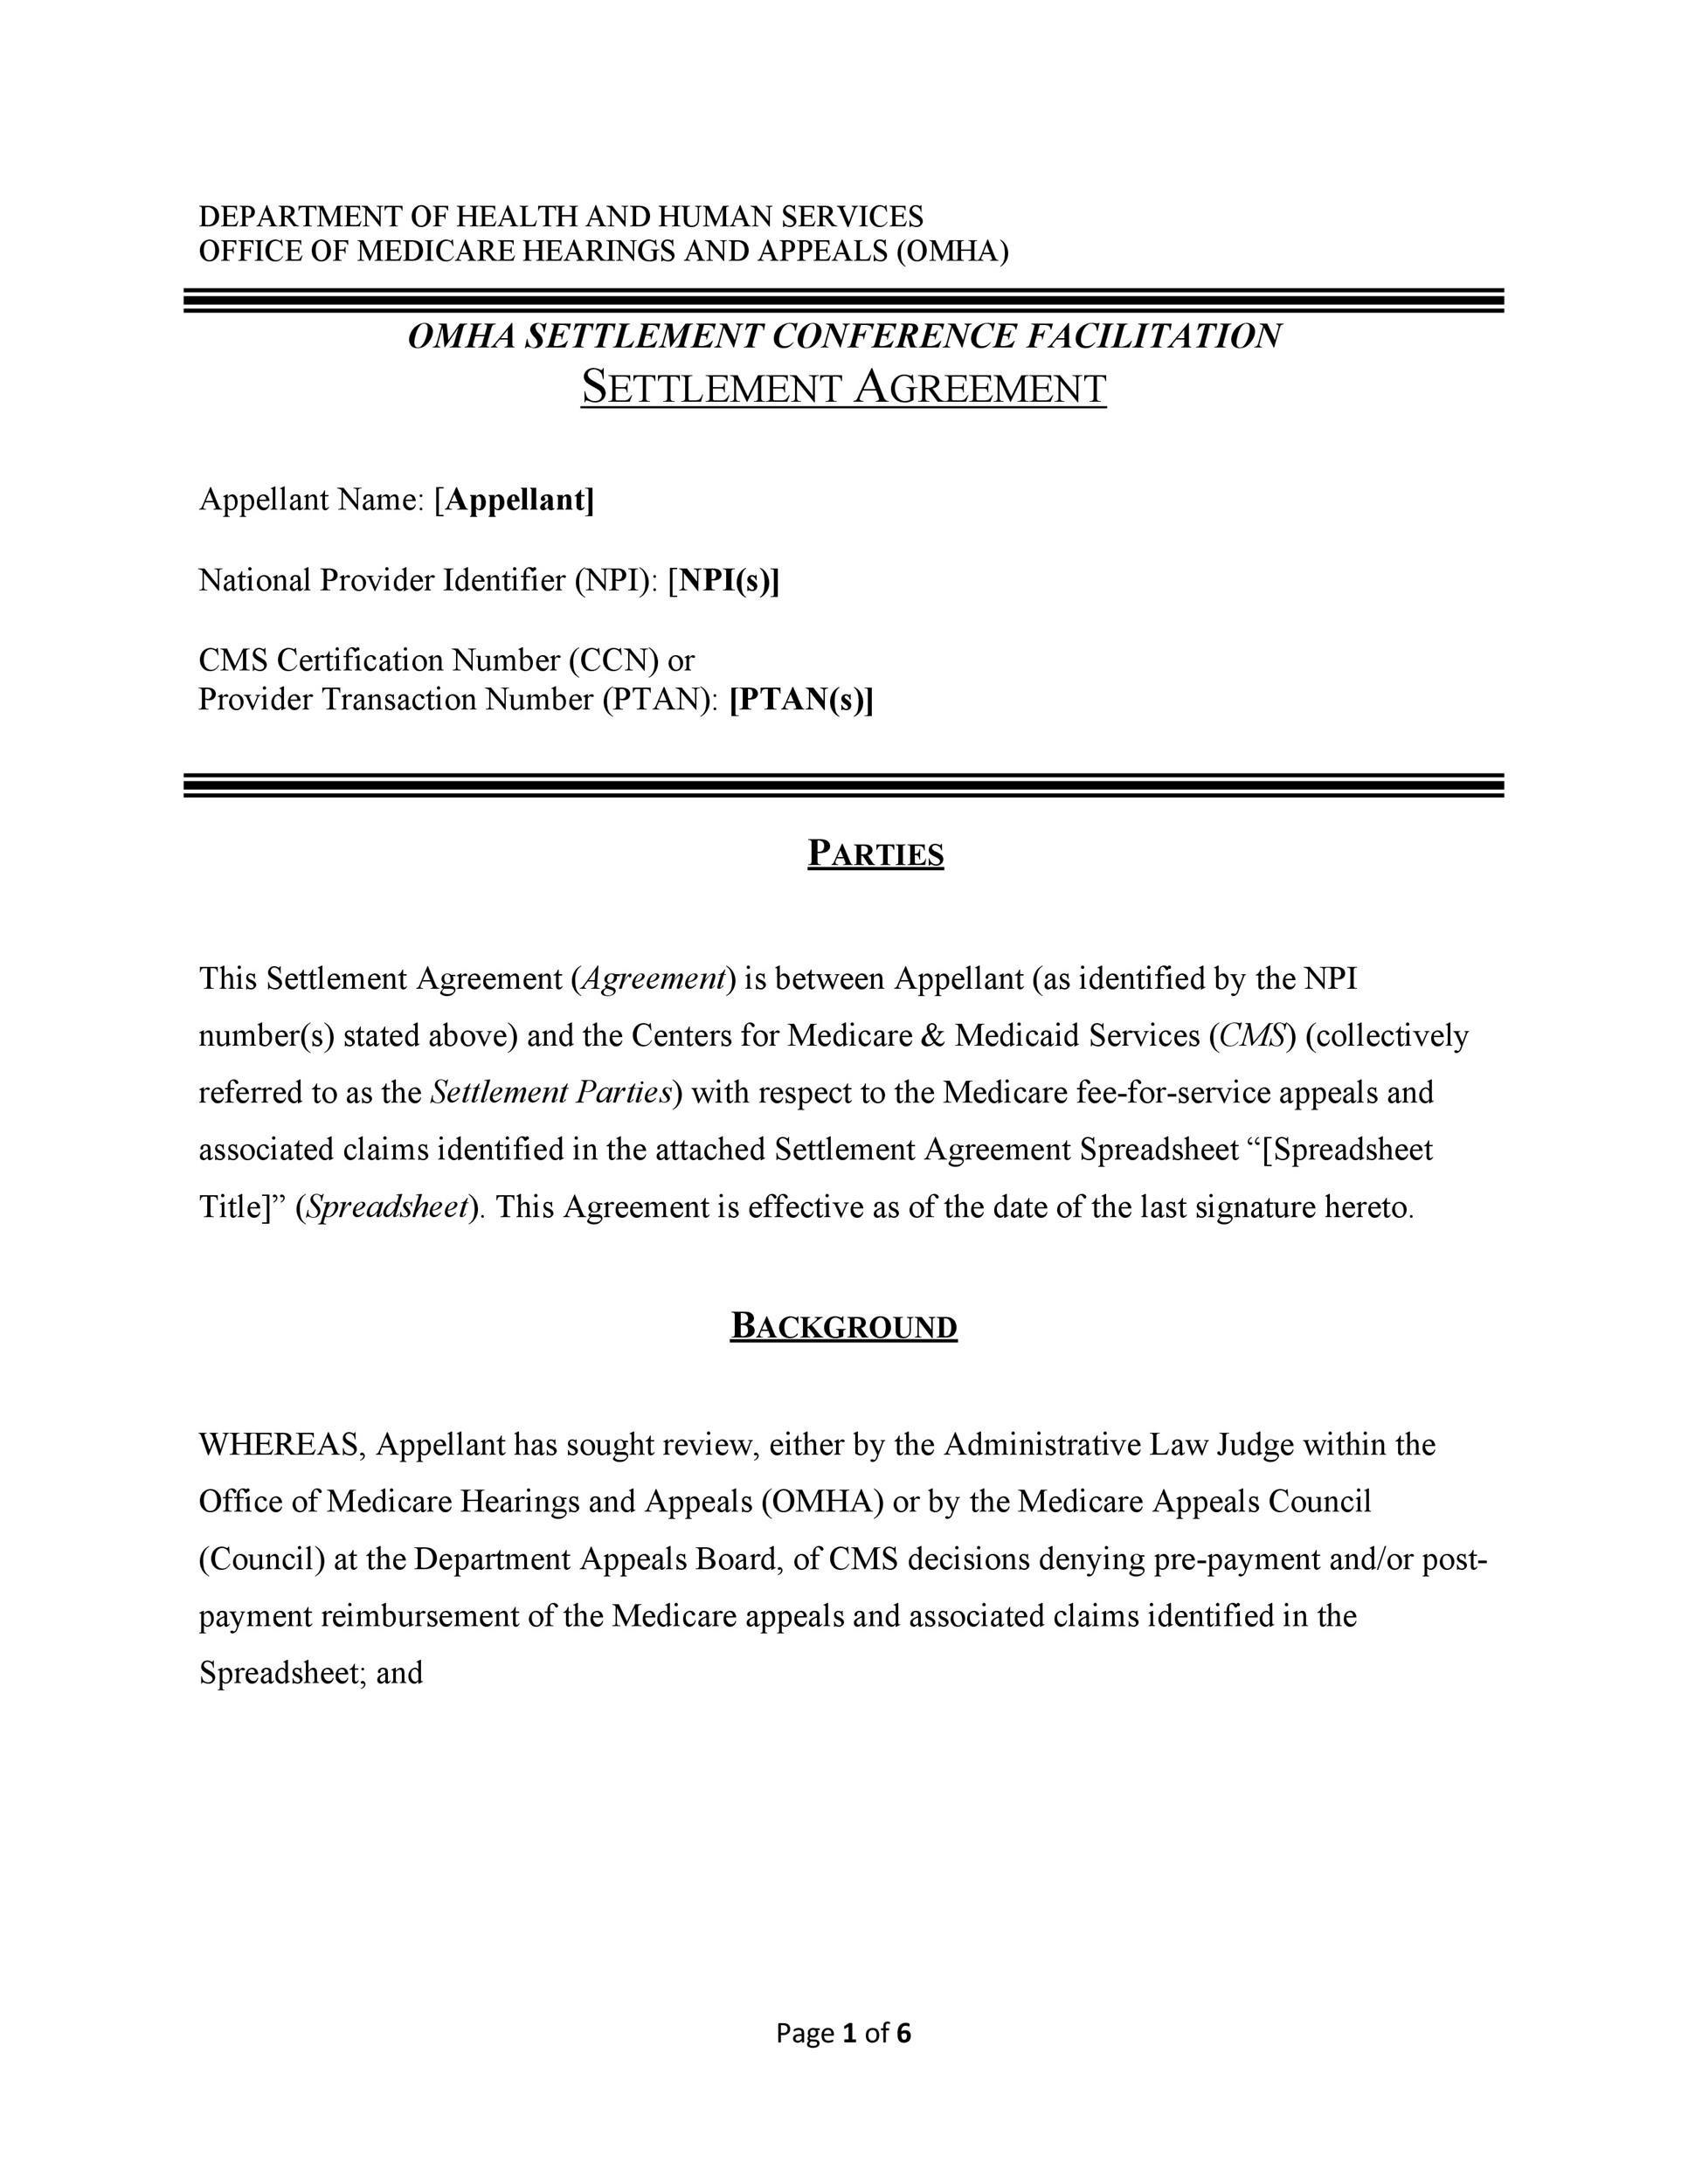 Free settlement agreement 41